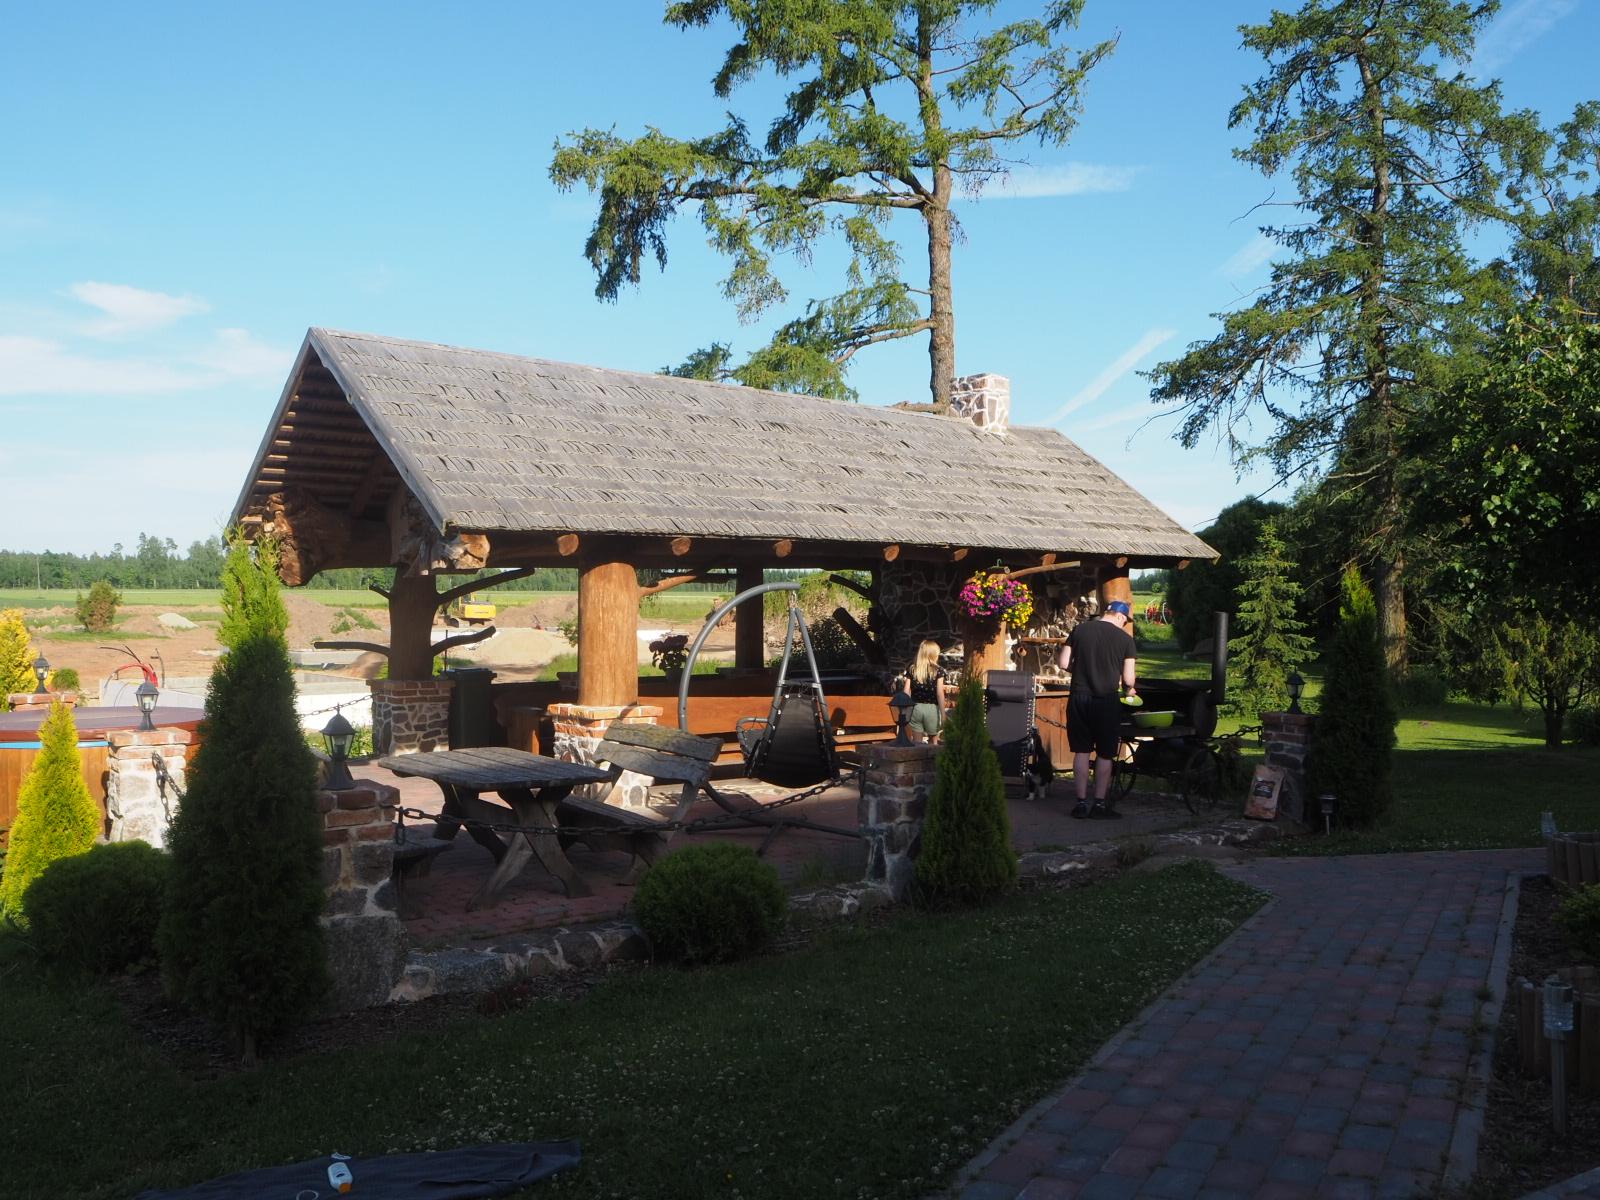 Tartto: Airbnb-majoitus/Kilgi Horse Ranch, Viron kansallismuseo & ylösalaisin oleva talo